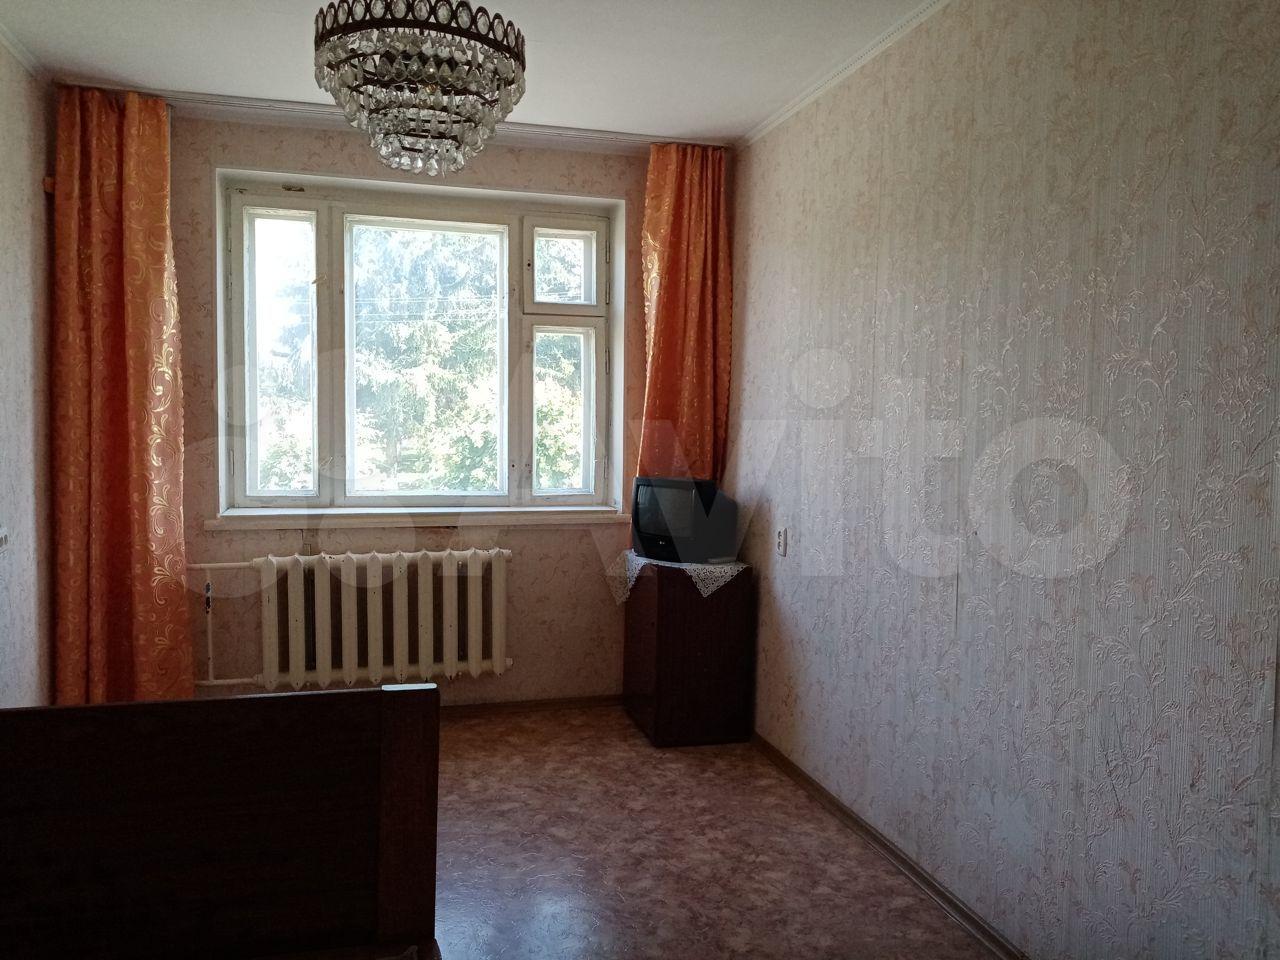 1-к квартира, 41 м², 2/3 эт.  89061360392 купить 3